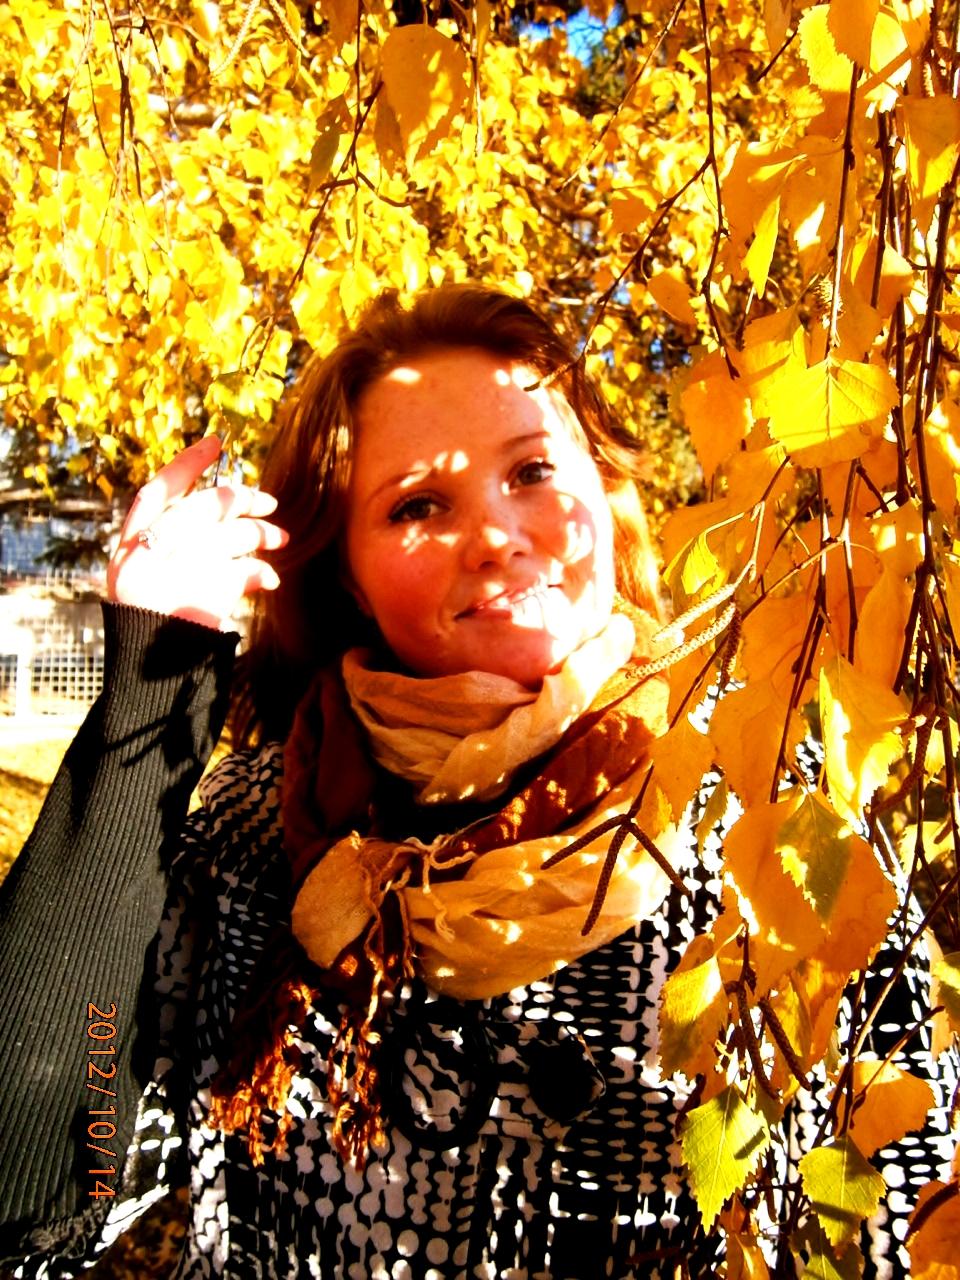 Сама девушка Осень))))))). Осенний образ